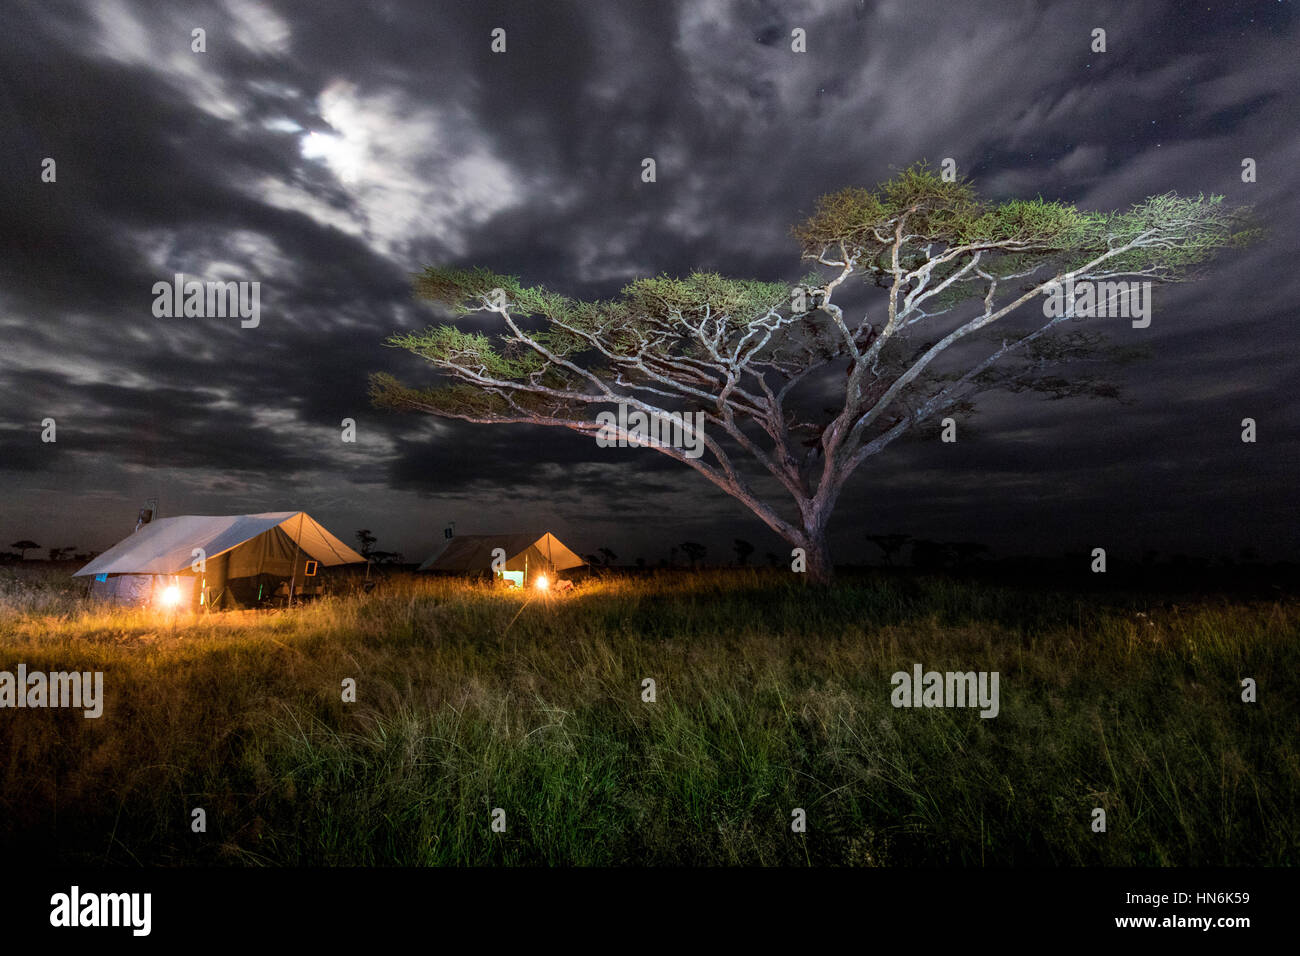 Paesaggio tenebrologo Foto del campeggio nel Parco Nazionale del Serengeti, Tanzania Africa Immagini Stock